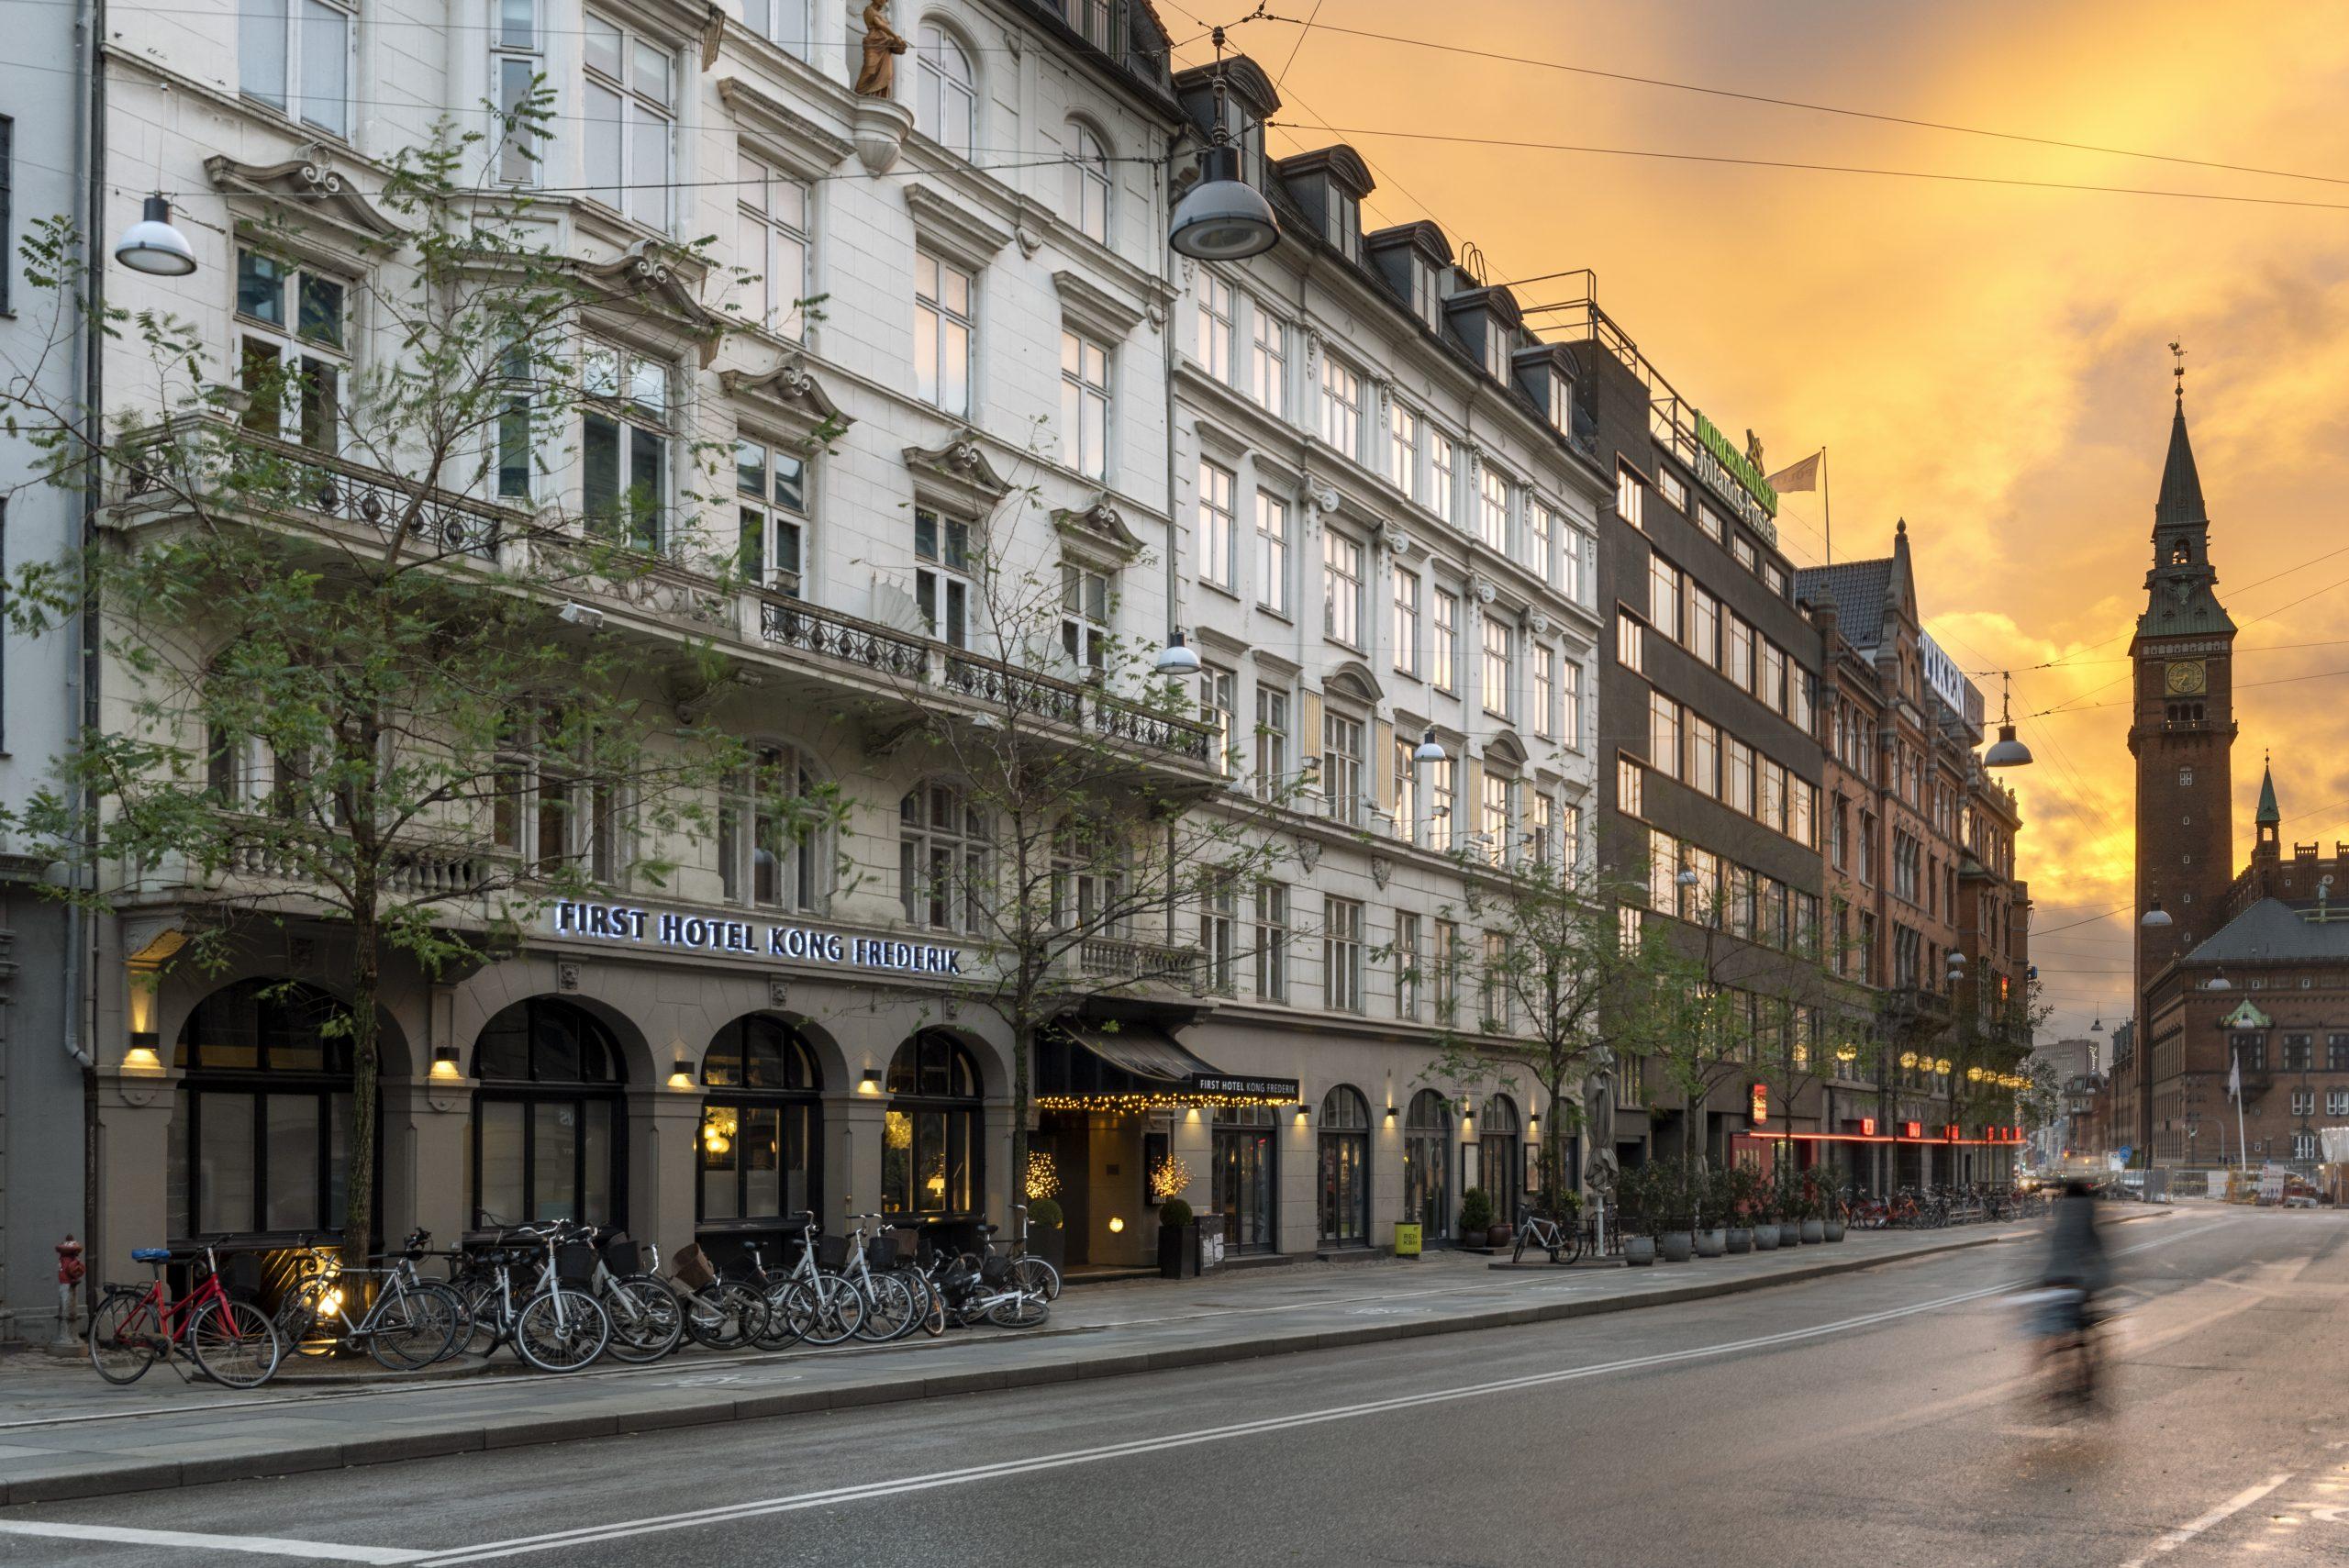 De danske First-hoteller, her er det First Hotel Kong Frederik ved Rådhuspladsen i København, er ikke påvirket af konkursen hos Maribel i Norge, siger regionsdirektøren i Danmark. PR-foto: First Hotels.